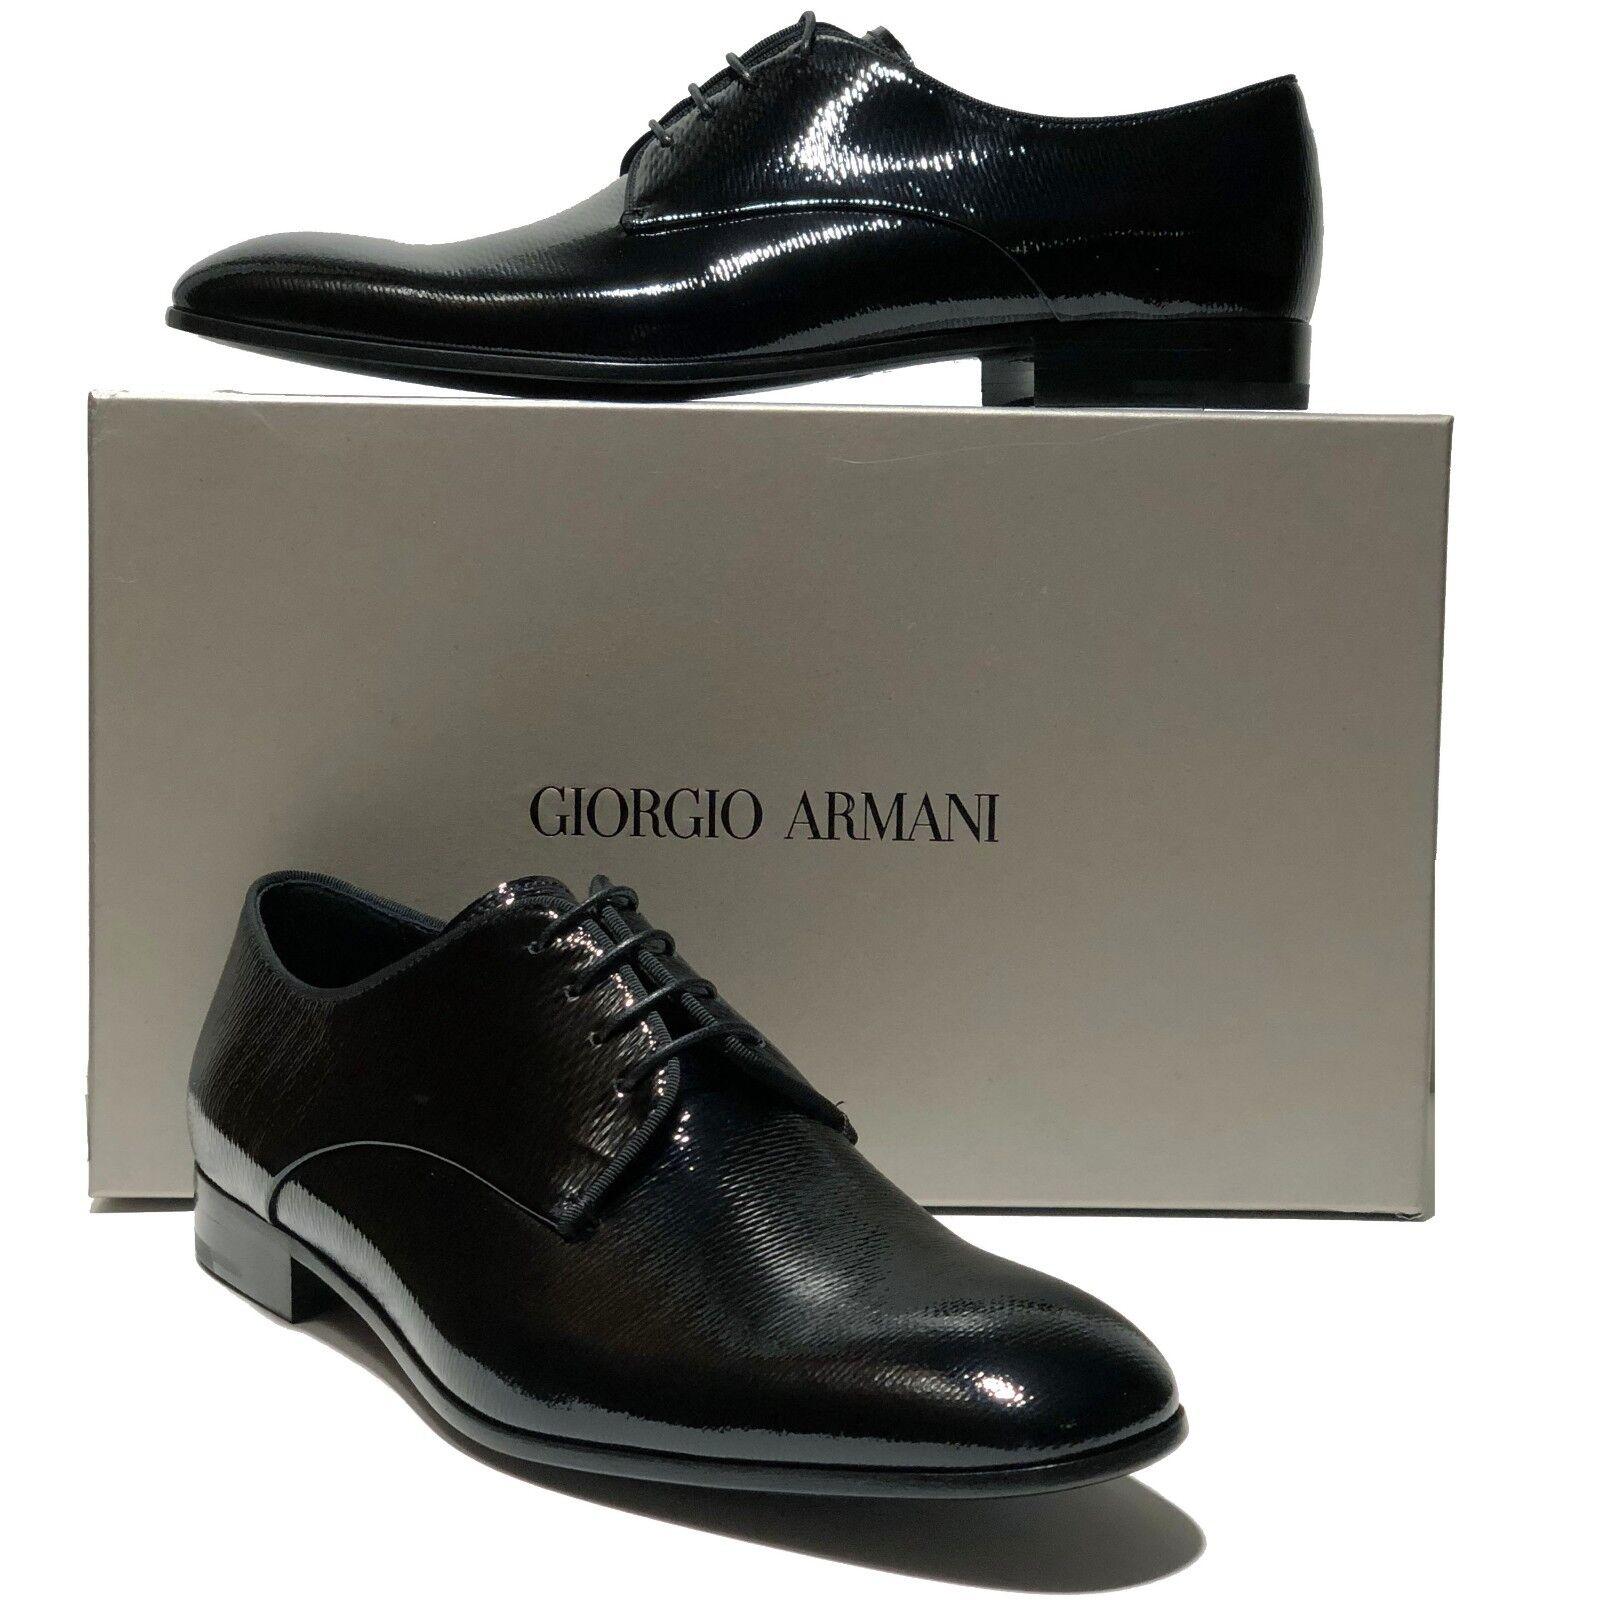 il più alla moda NEW NEW NEW Giorgio Armani Pebbled Patent Leather Formal Dress Oxford 13 46 Uomo Tuxedo  prodotti creativi